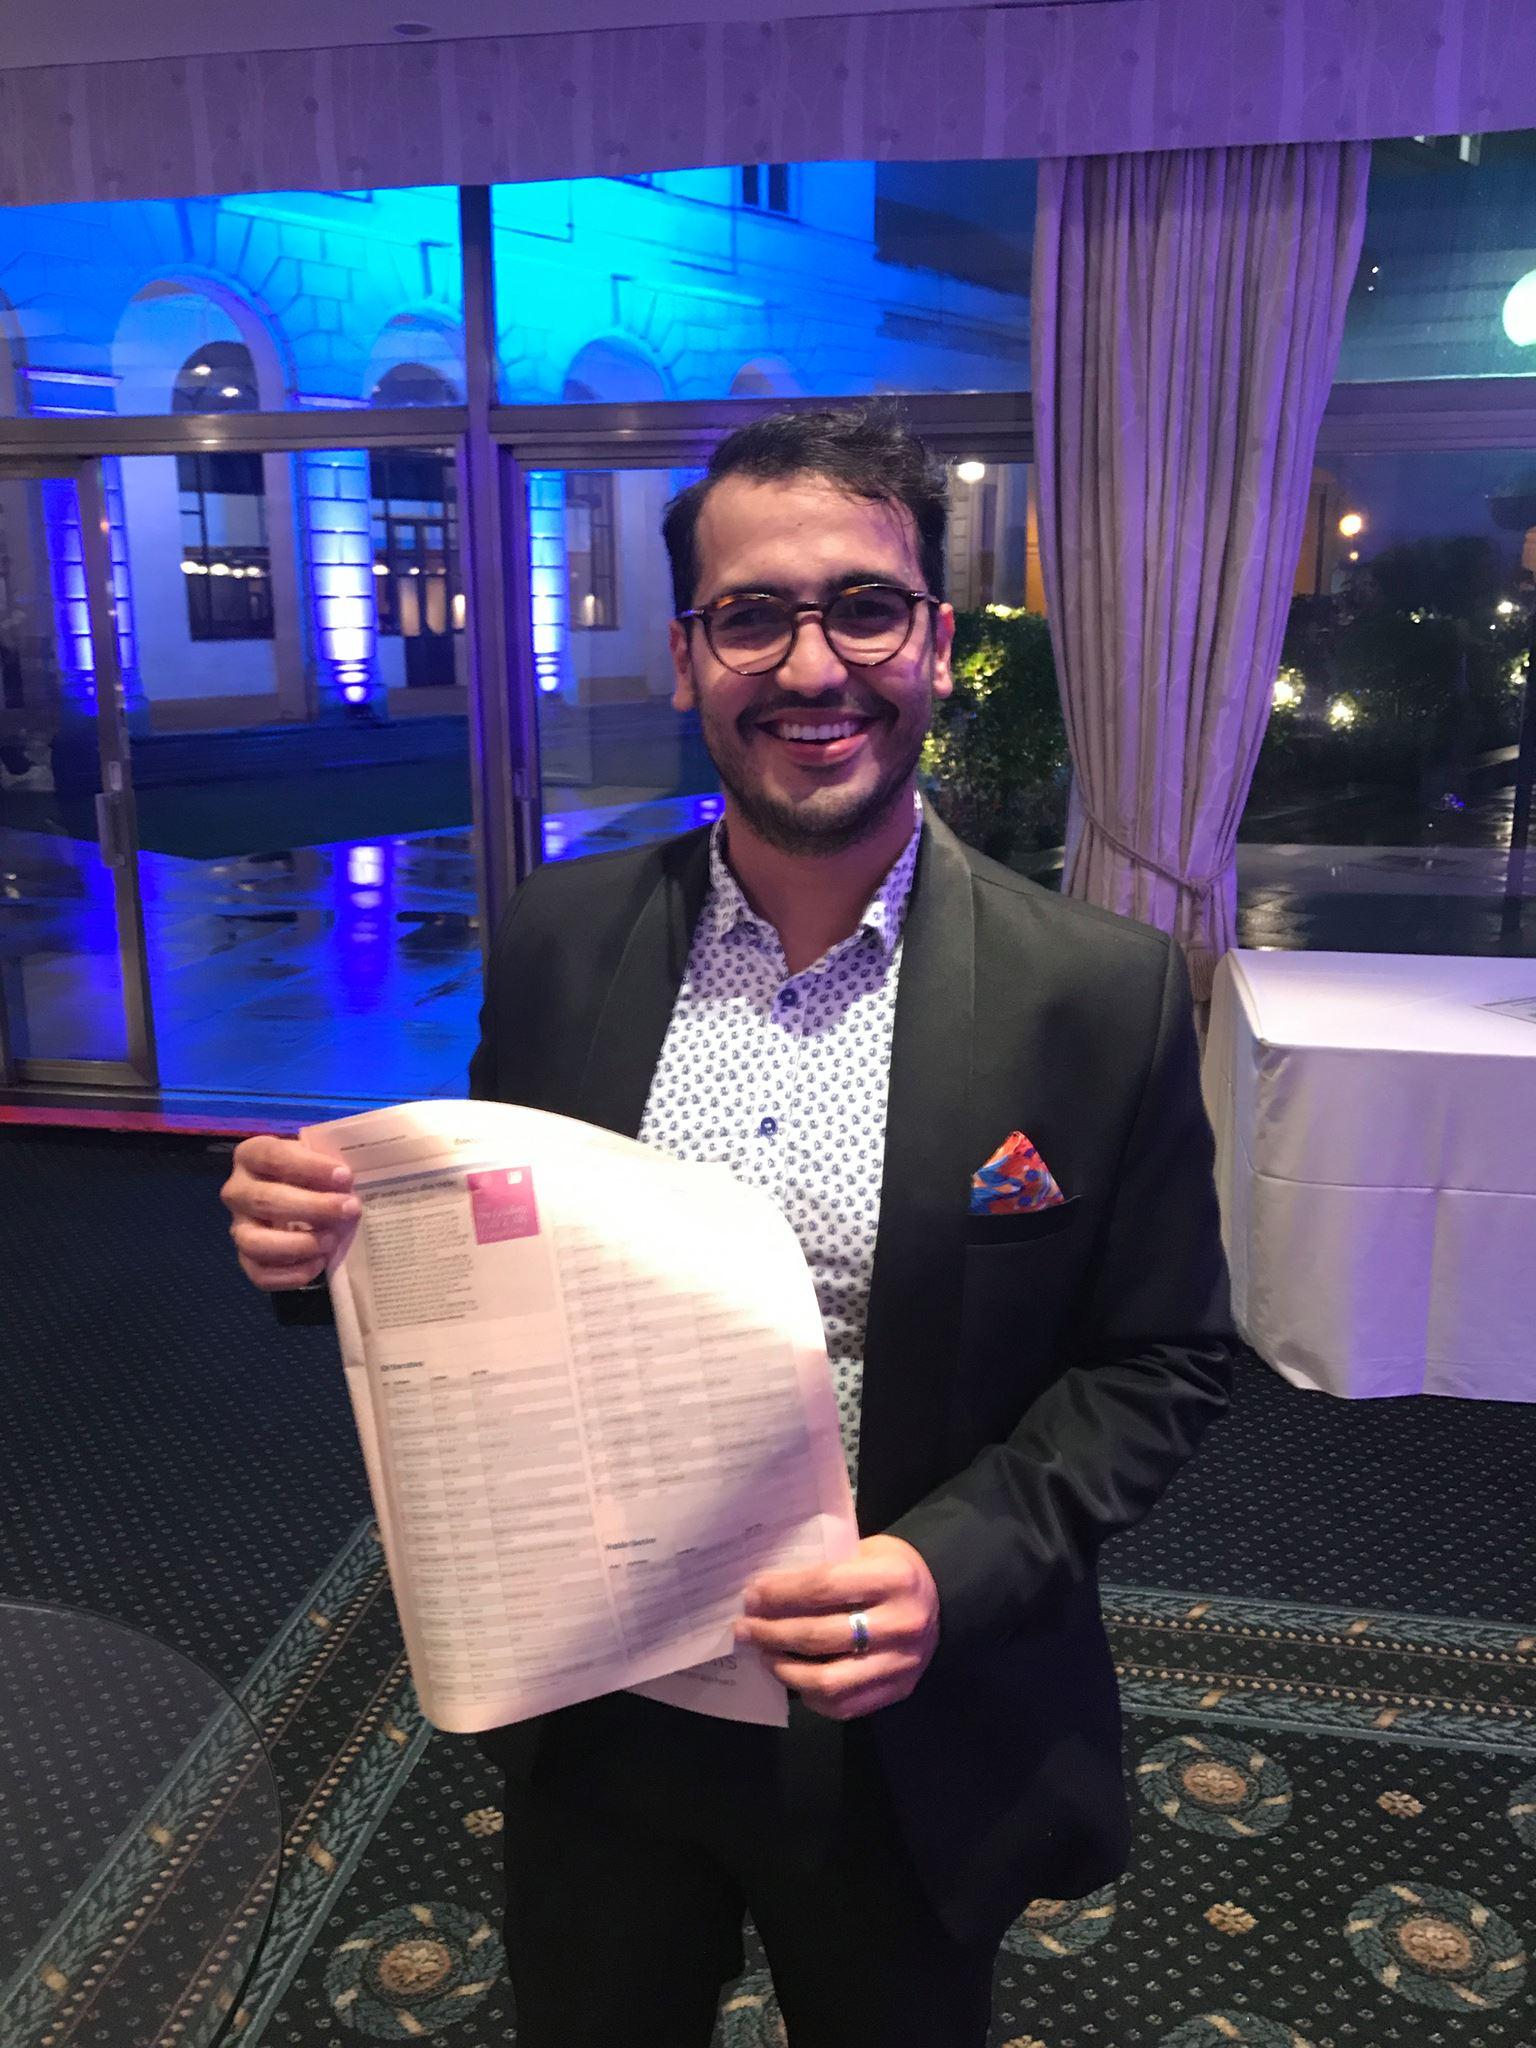 Herman Duarte en la gala del año 2017, año en que fue incluido en la lista por primera vez.